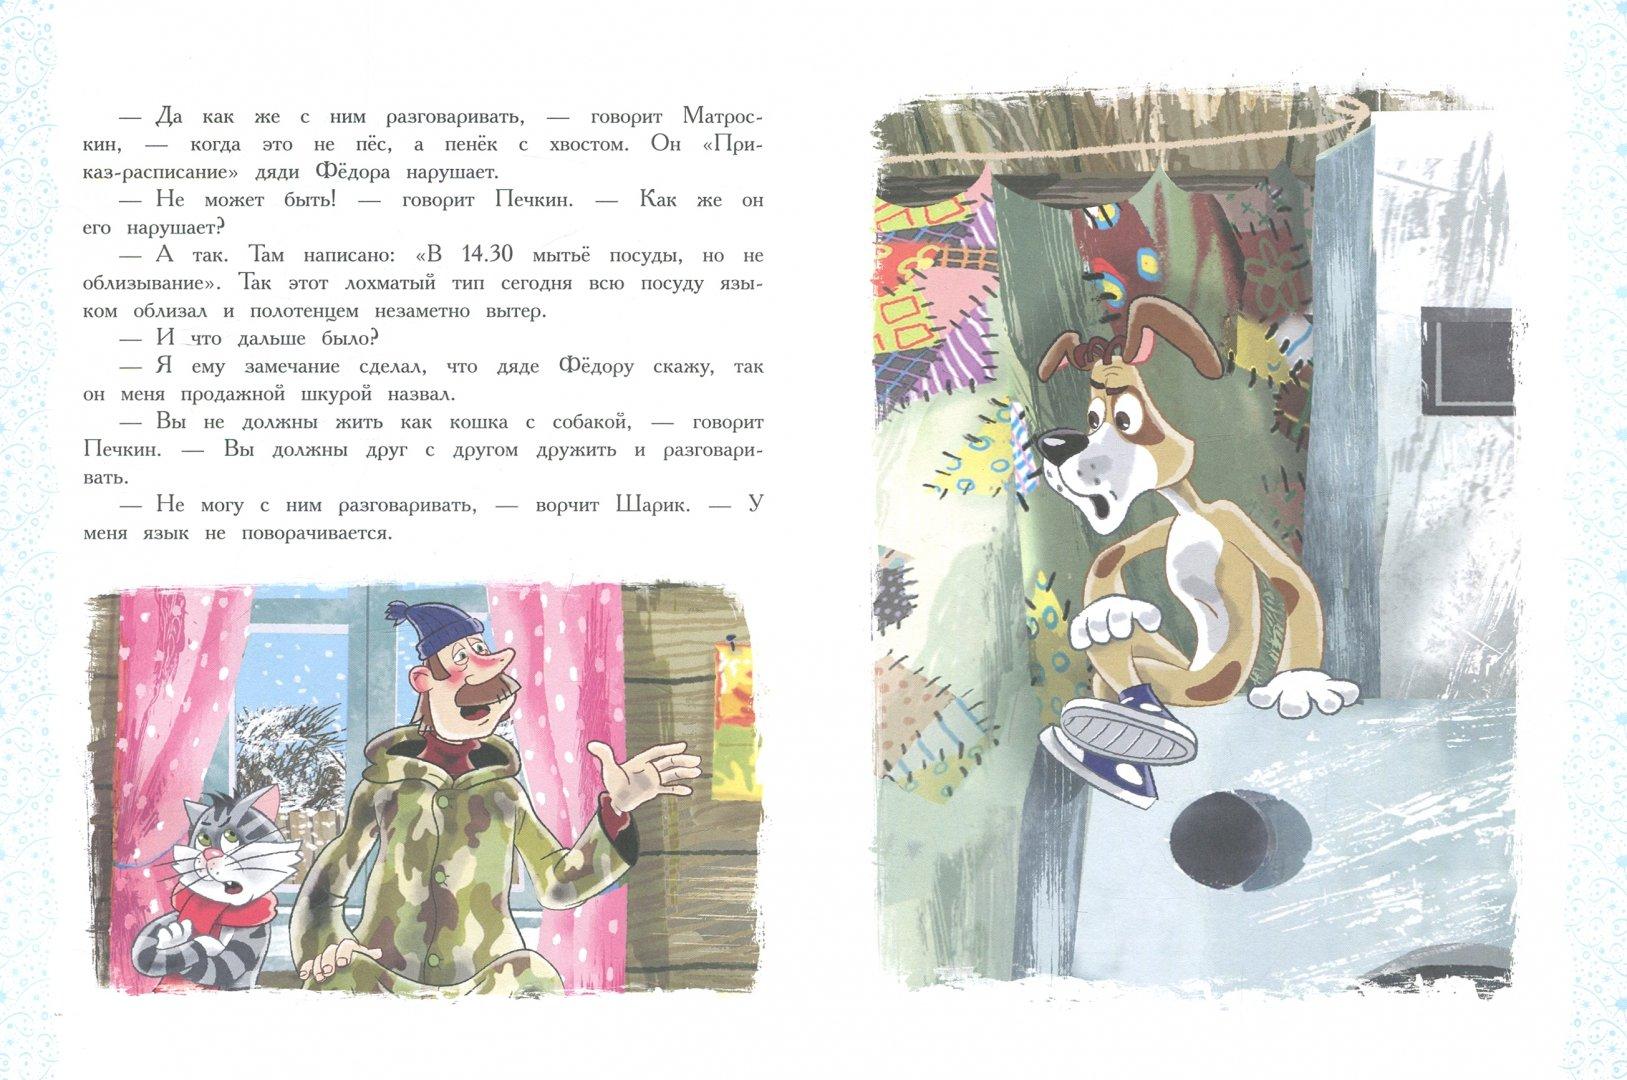 иллюстрации к книге зима в простоквашино приходят него